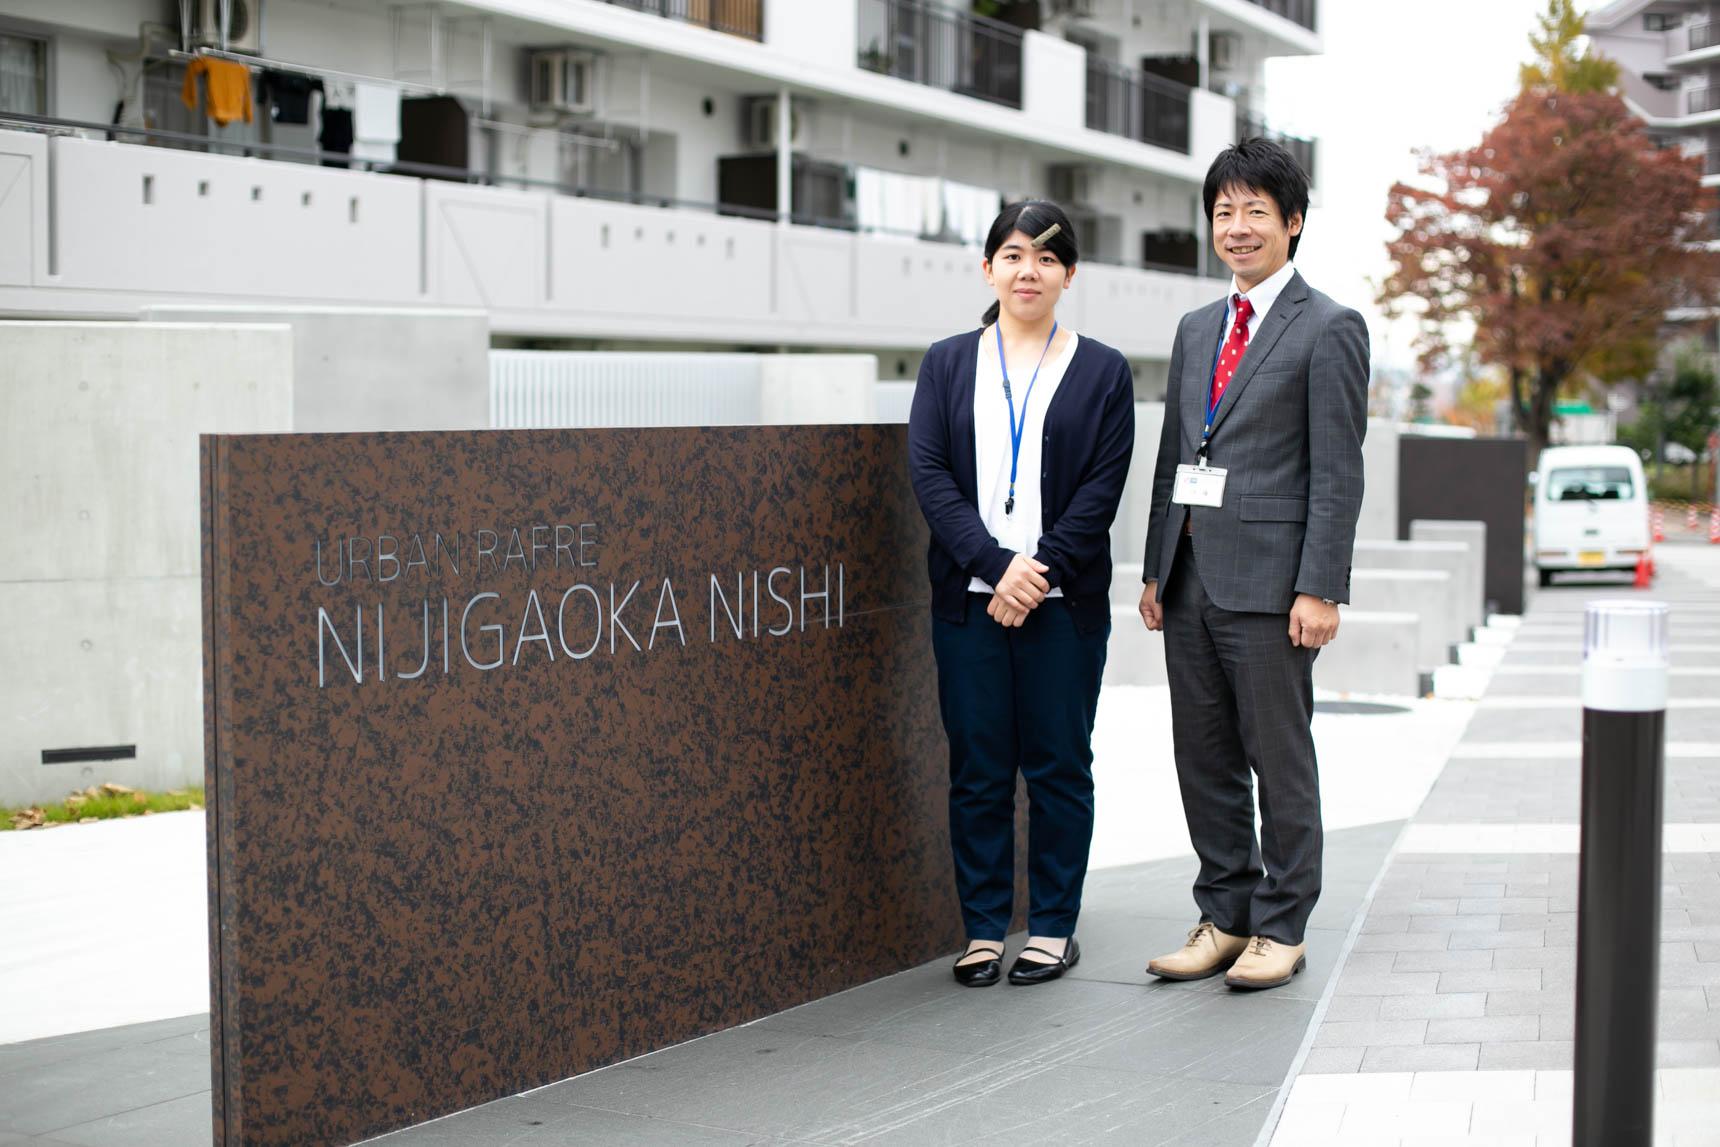 ご案内していただいたのは、UR都市機構の伊藤さん(写真右)と岩元さん(写真左)です。